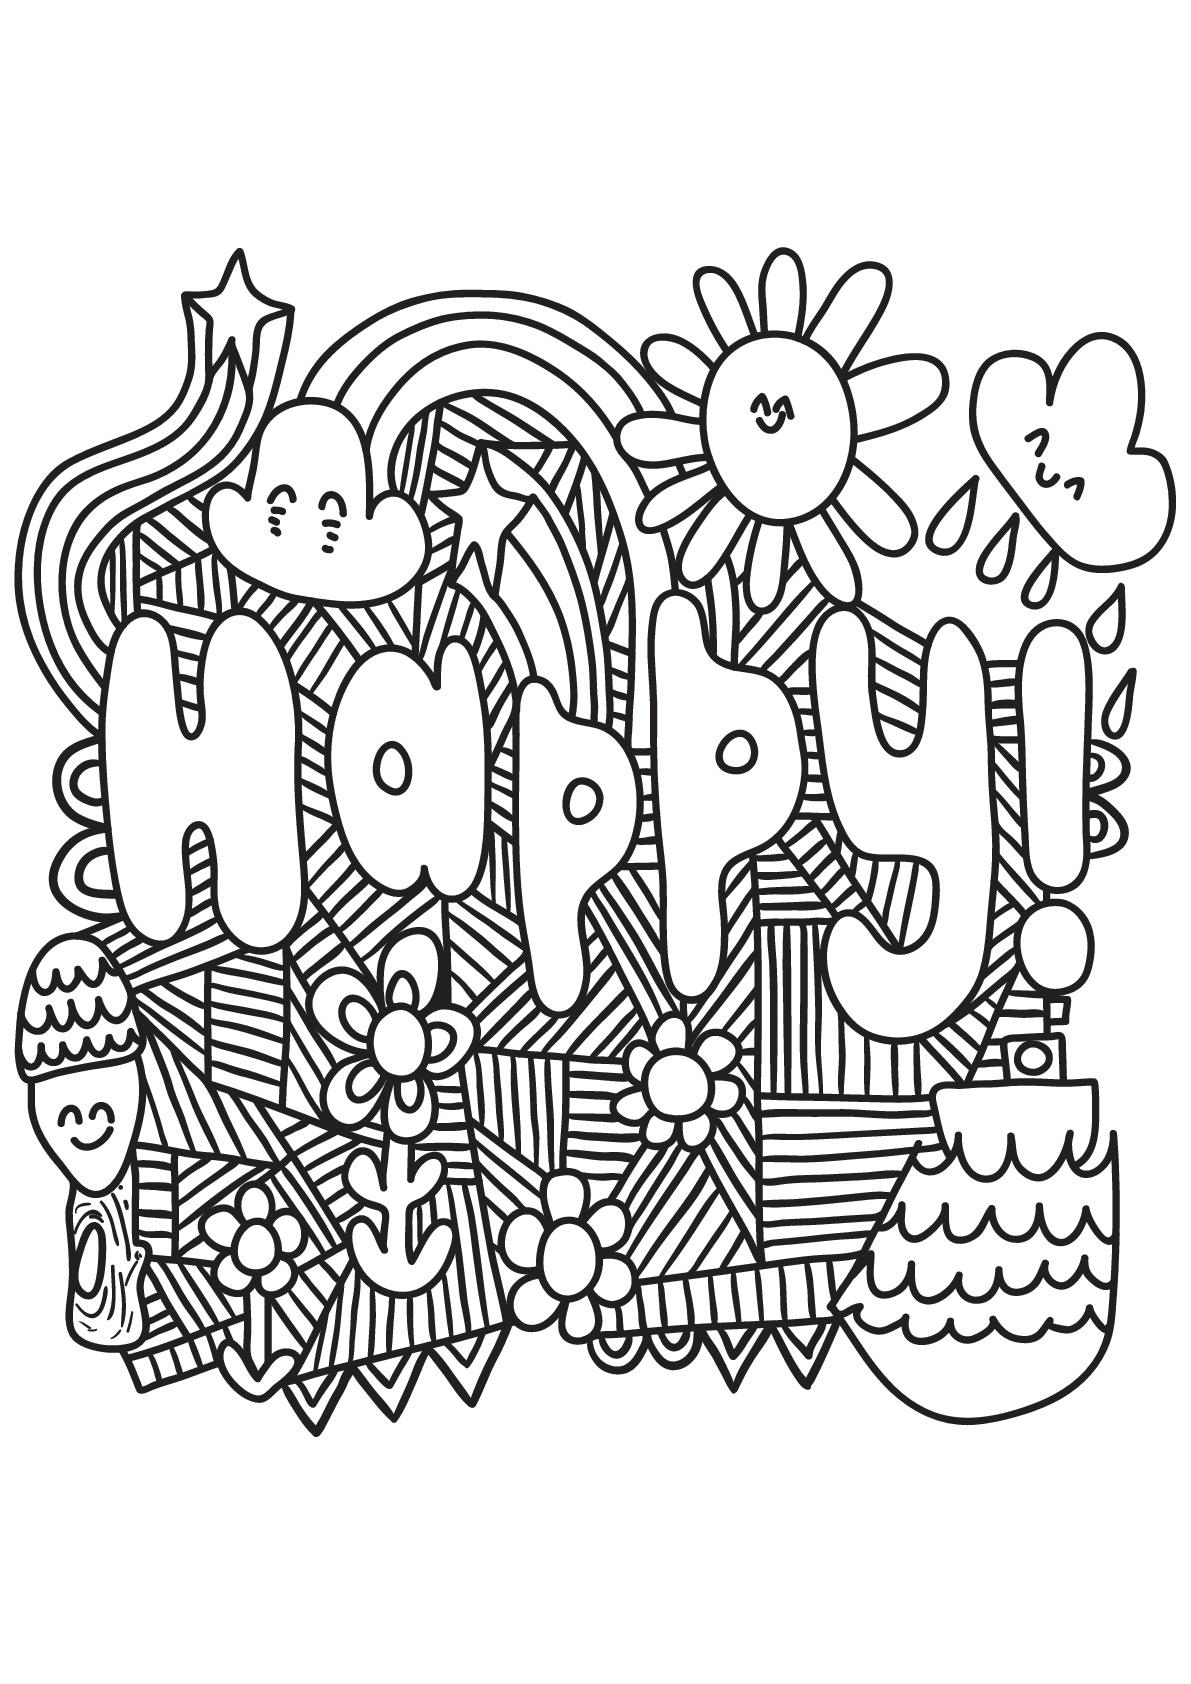 Happy ! (Joyeux)